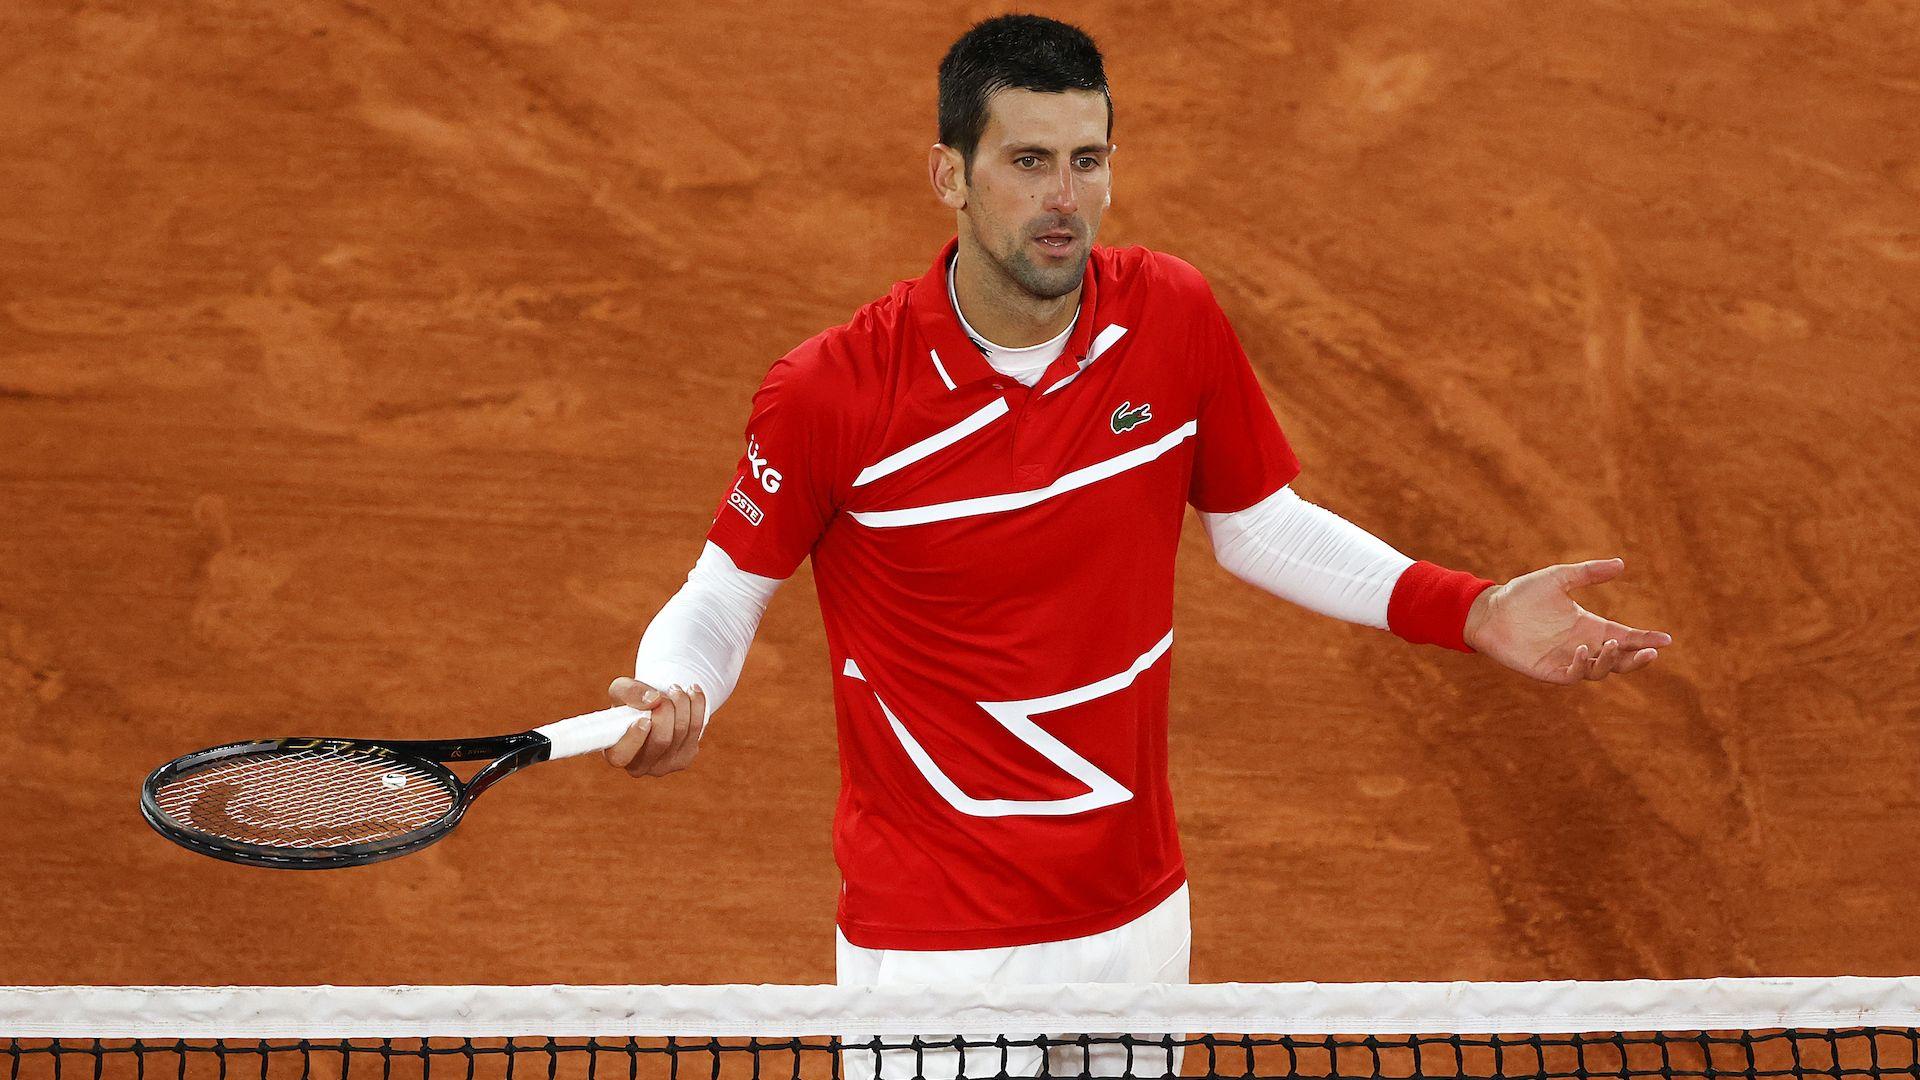 Джокович продължава похода си - на рекорден четвъртфинал е и пак удари съдия с топка